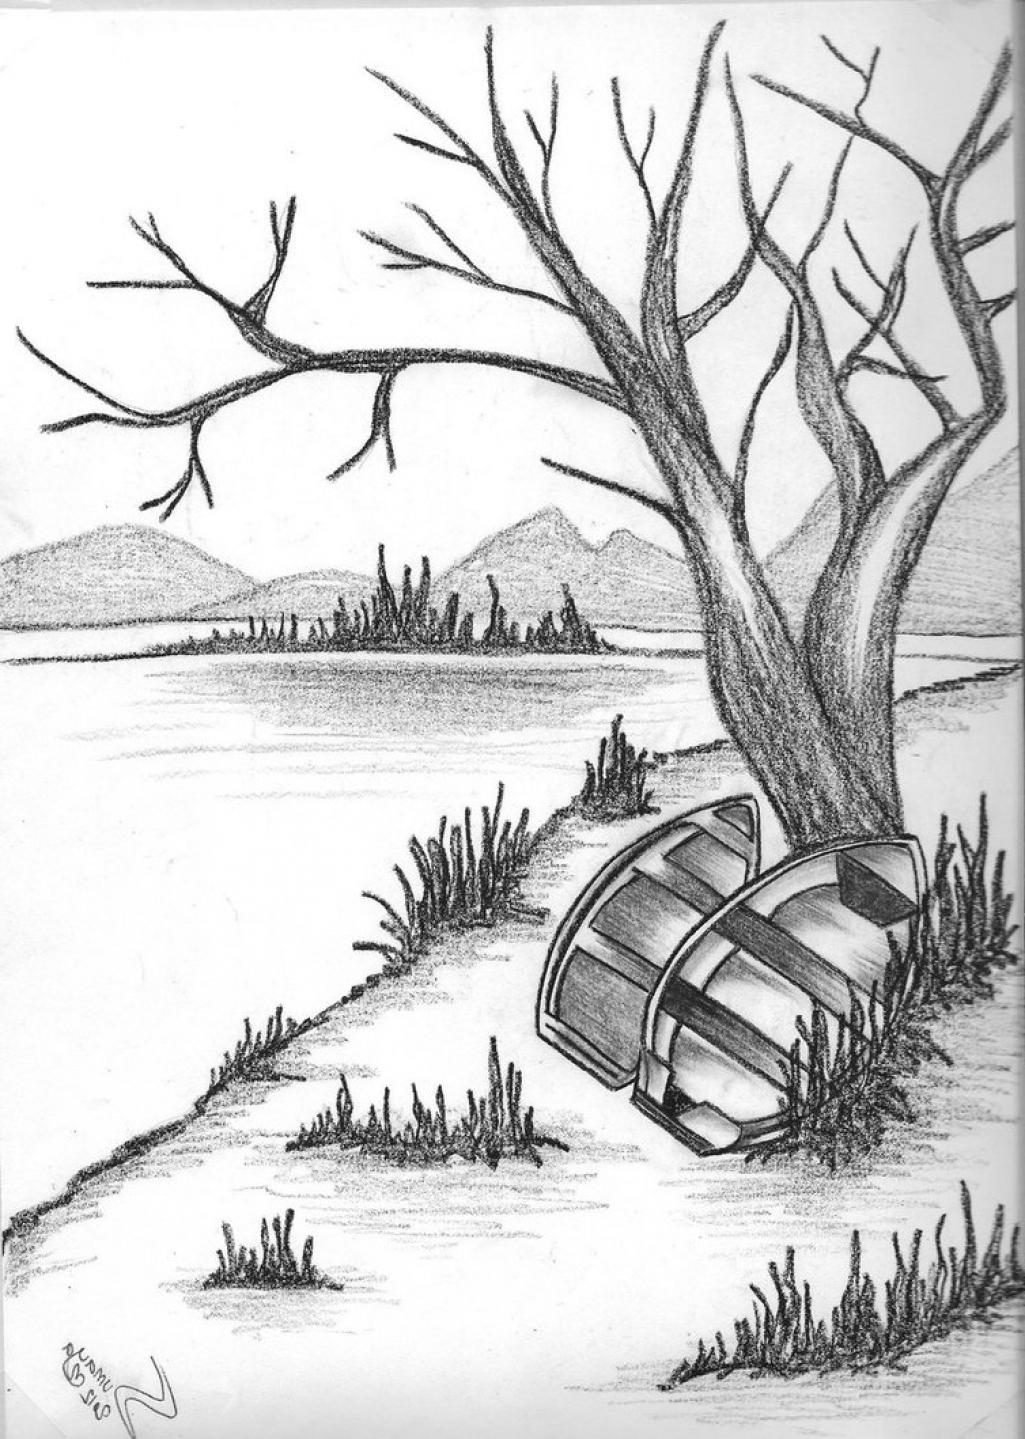 1025x1439 Pencil Shading Nature Seen Pencil Shading Nature Drawing